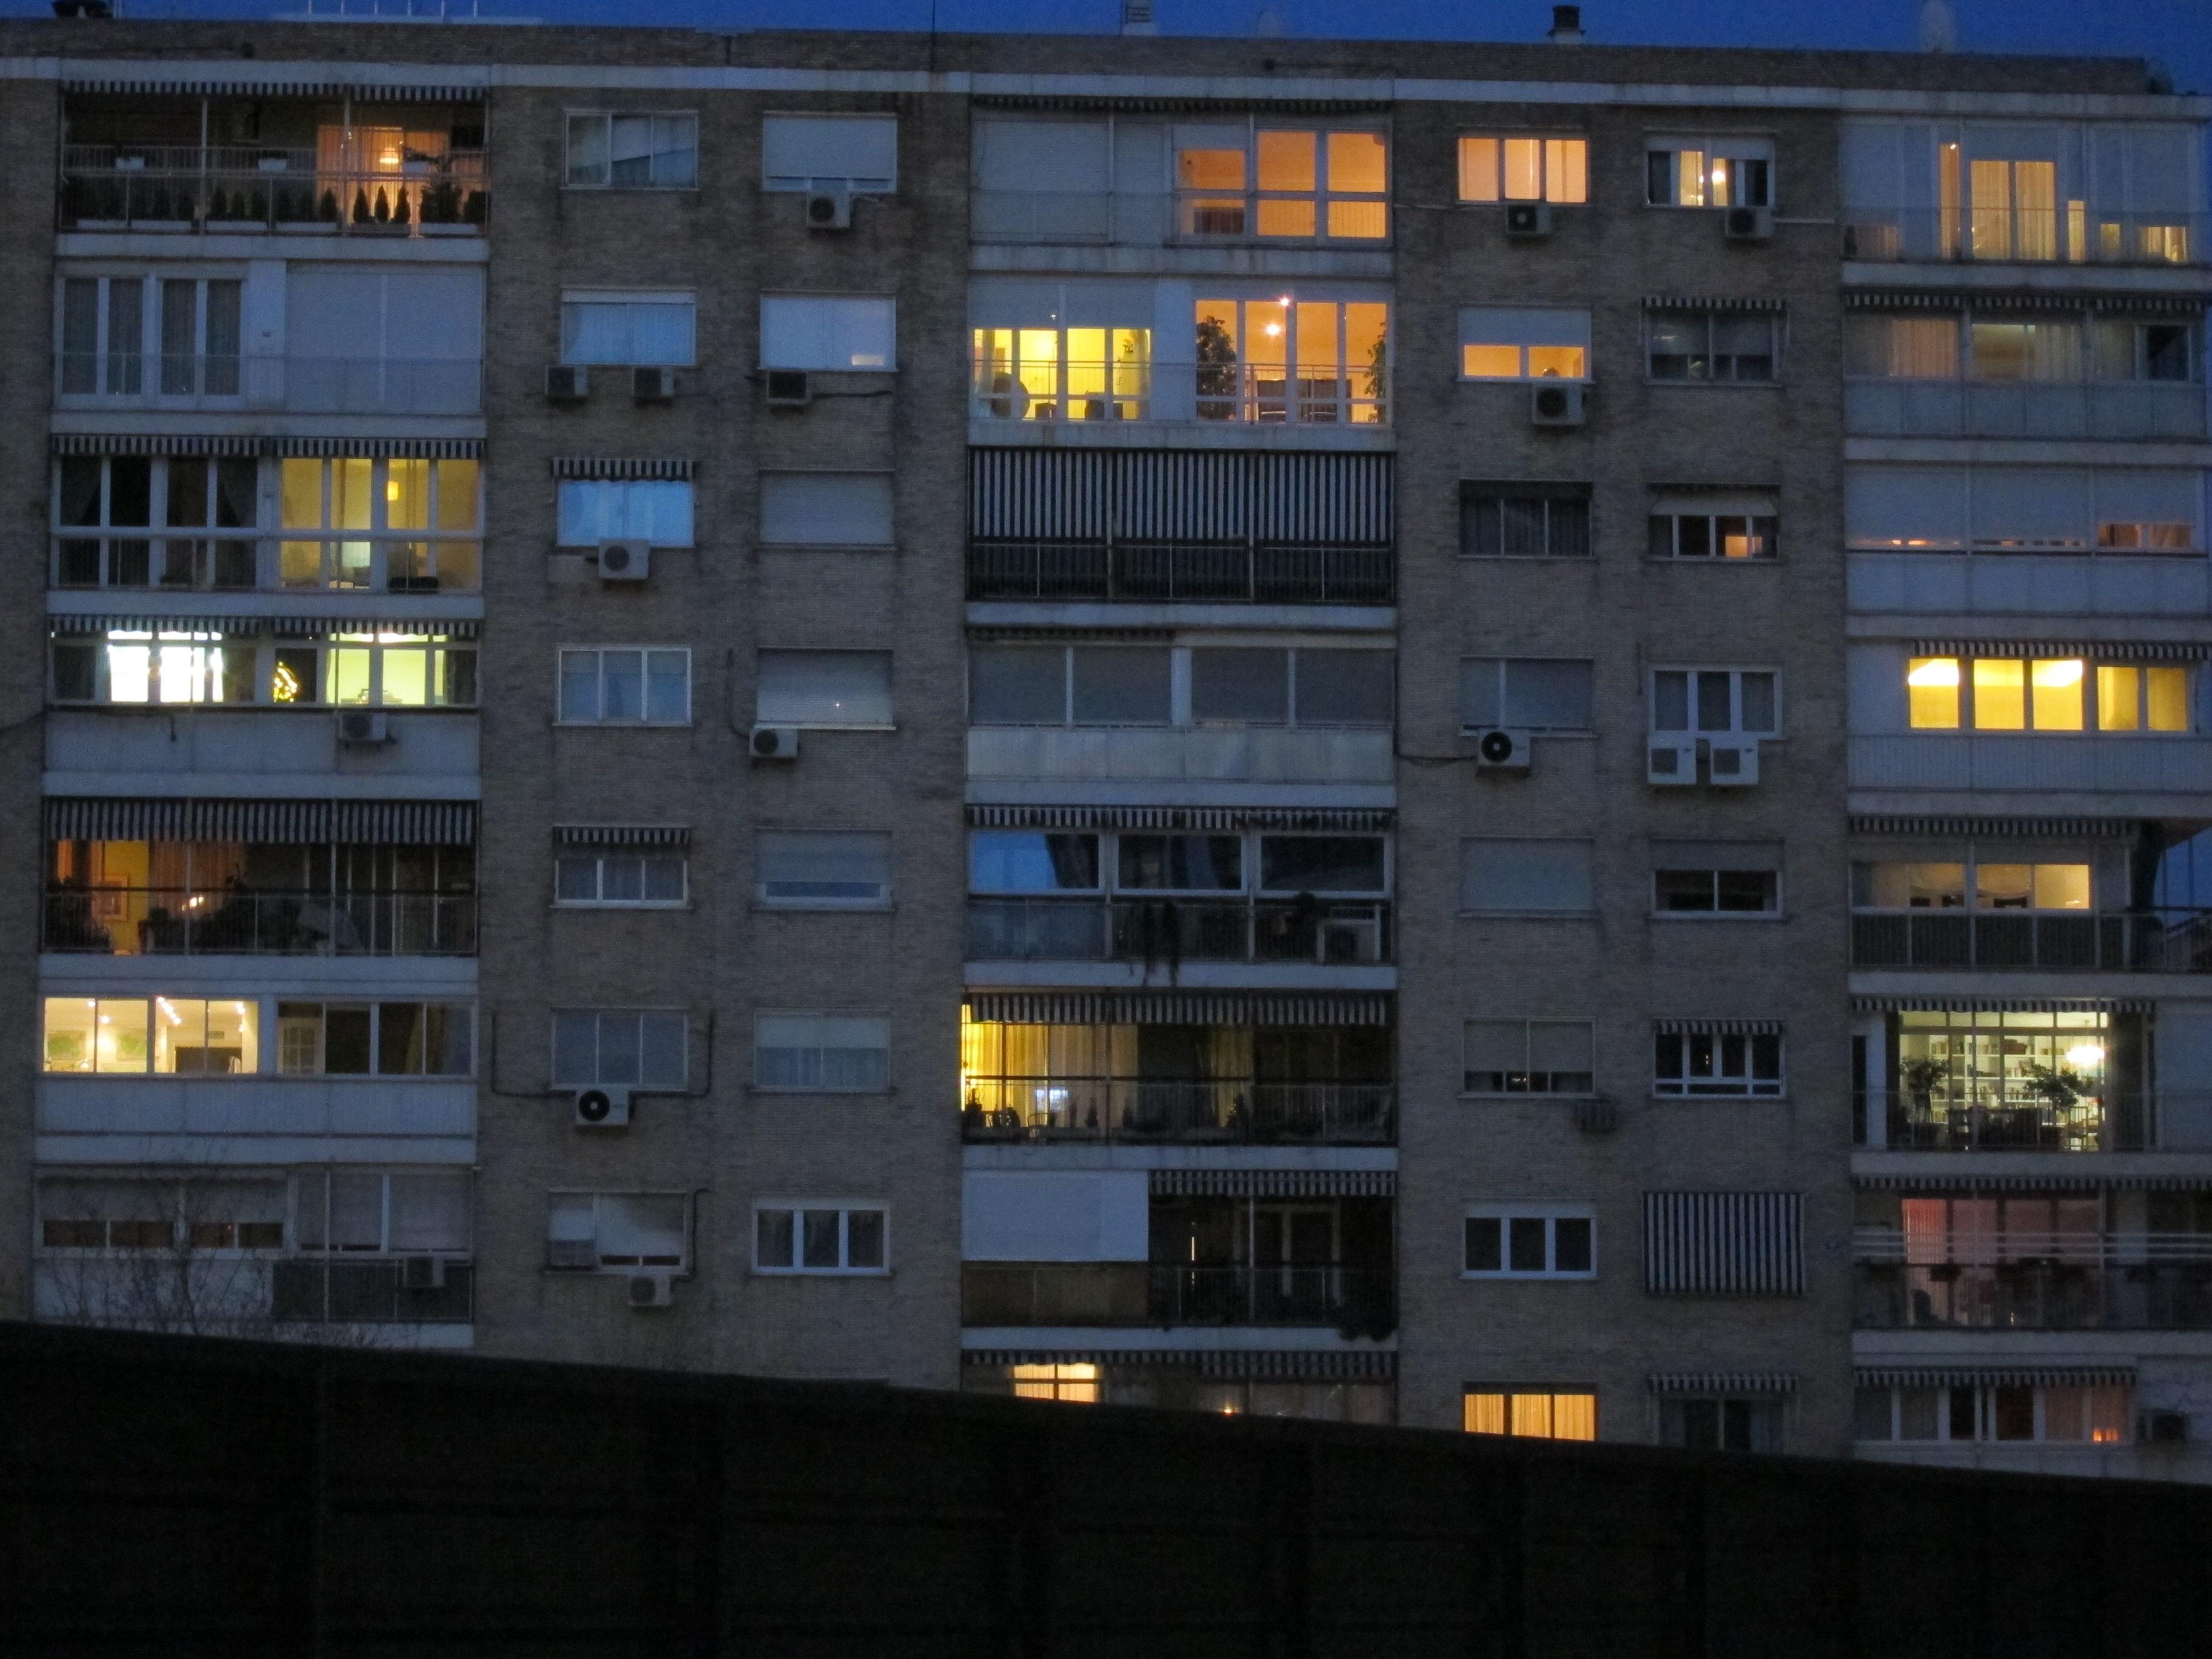 La luz sube hoy un 1,2% para cerca de 22 millones de hogares